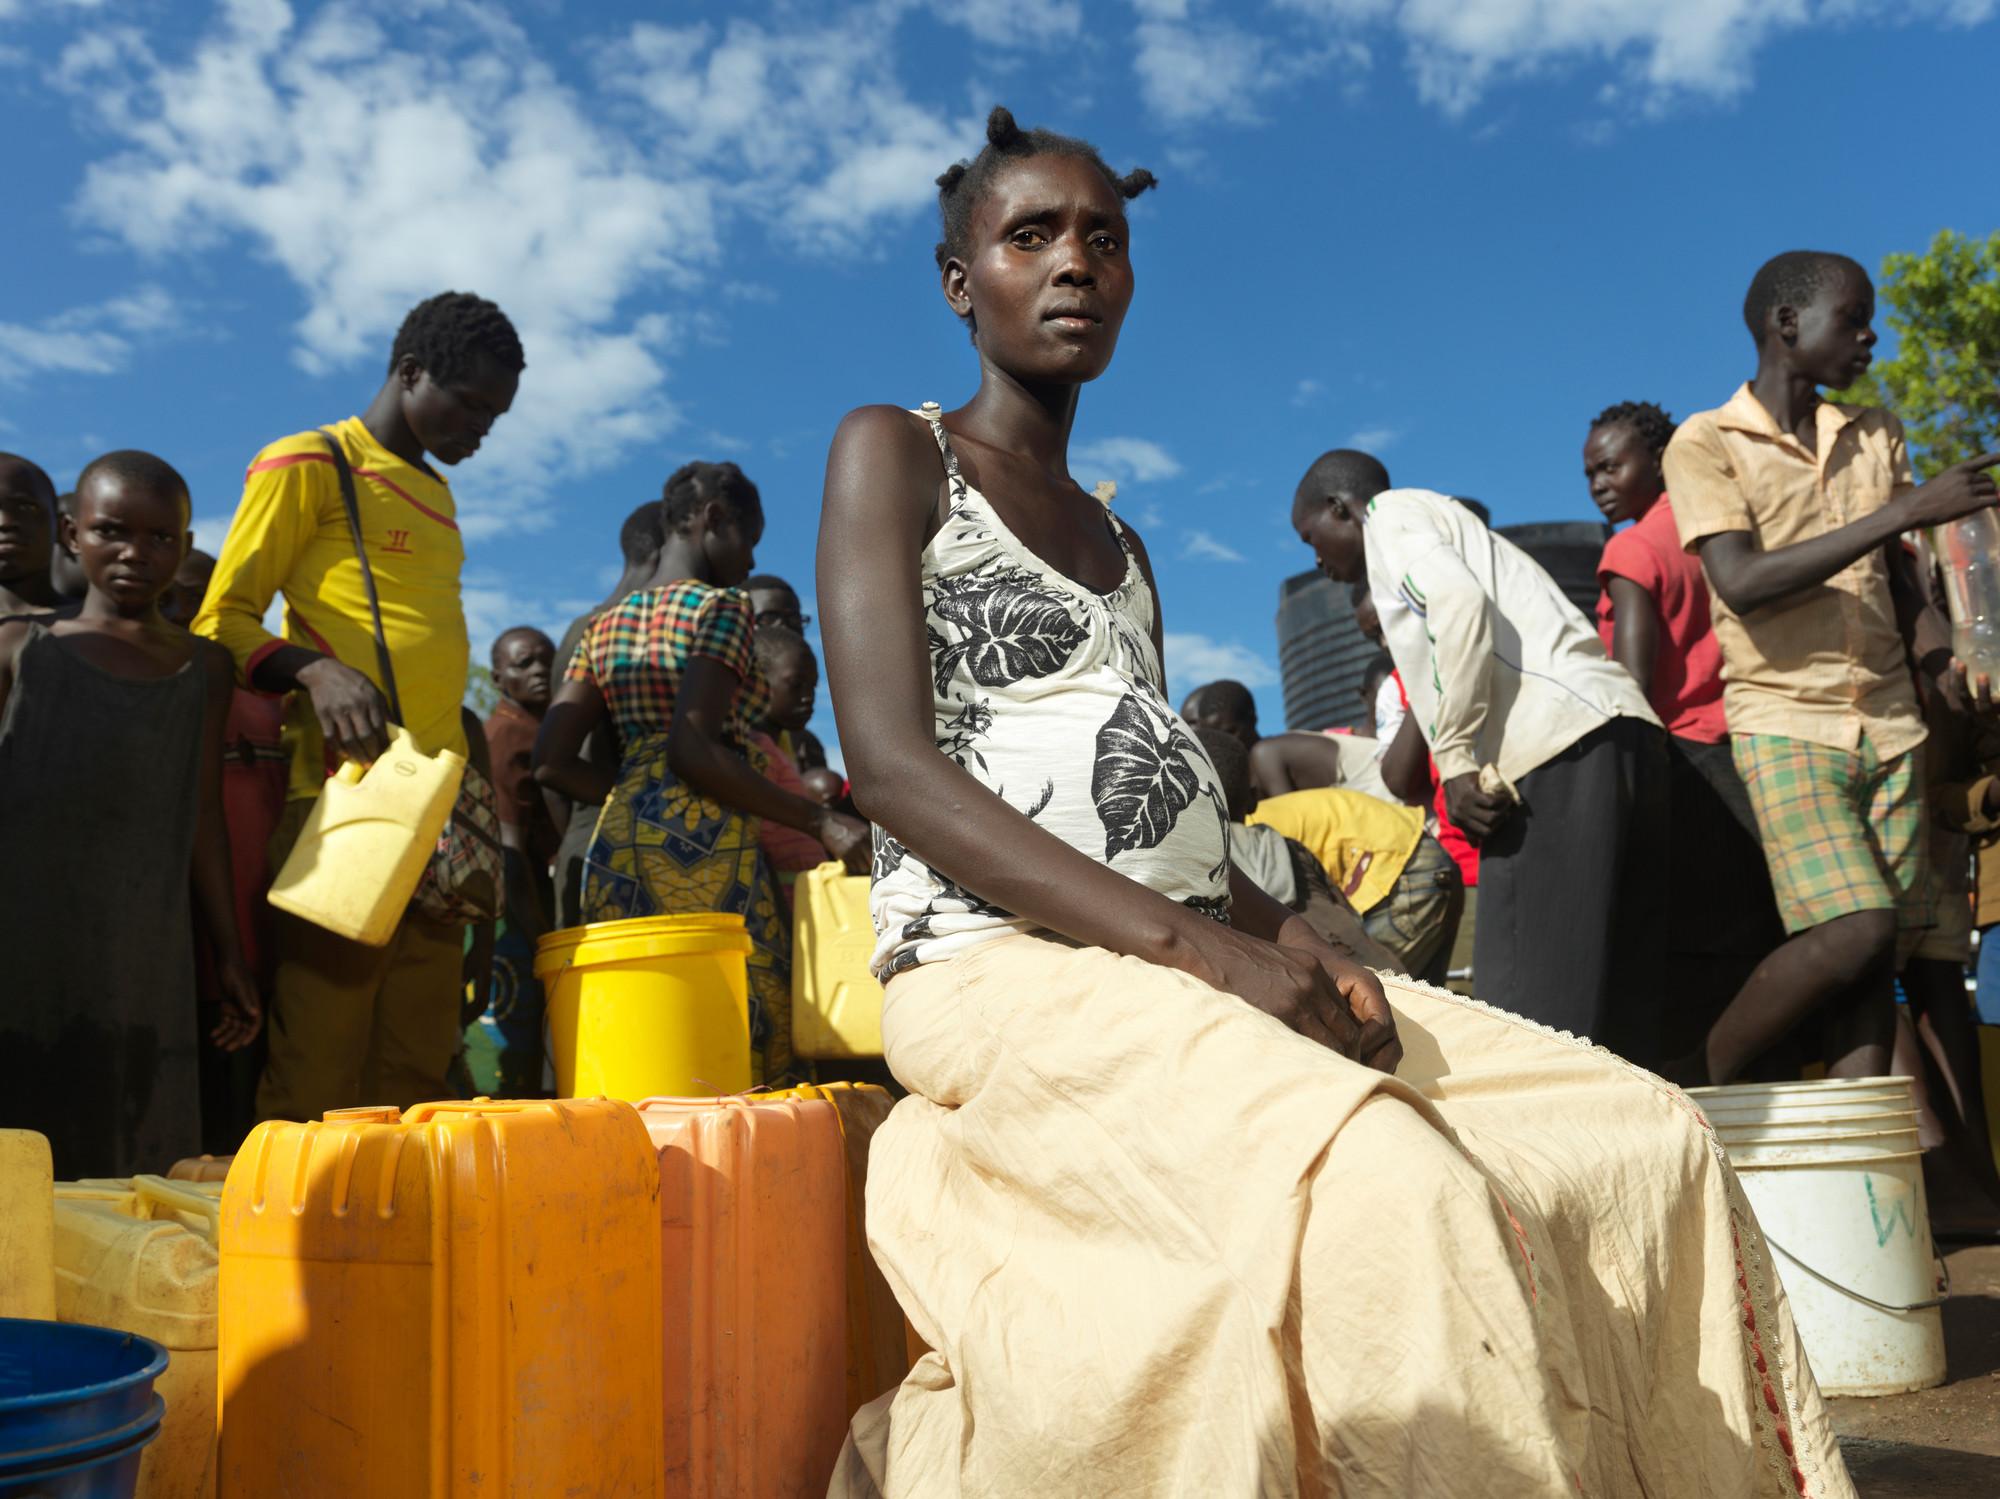 всех предлагаемых беженцы из судана фото продаже, покупке аренде